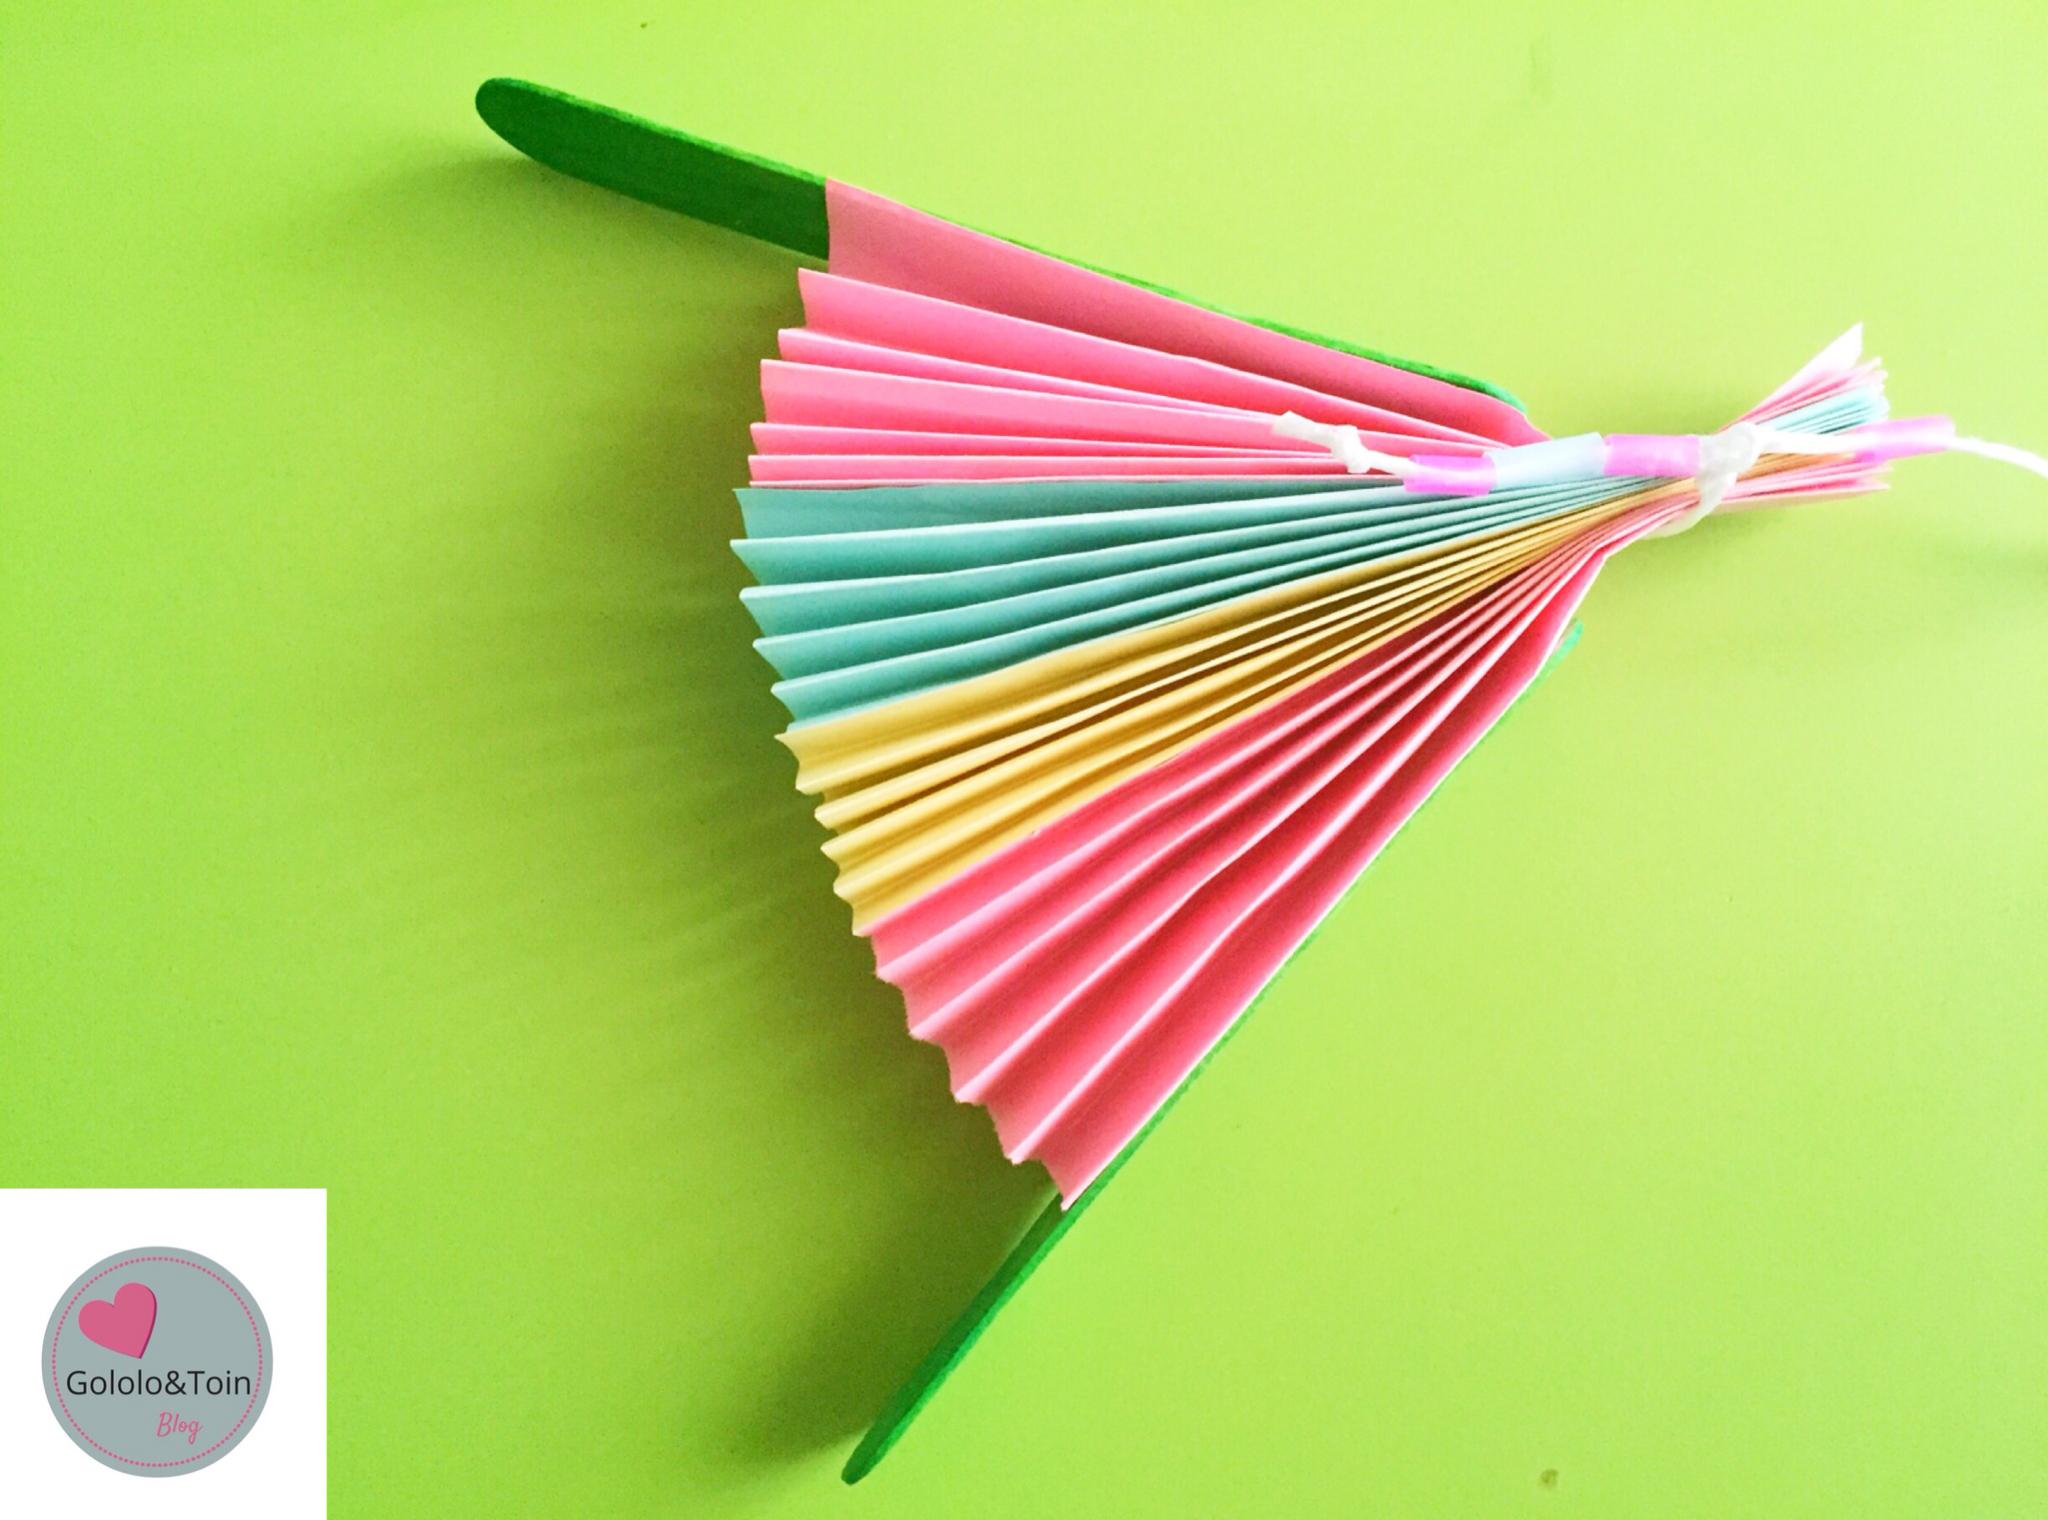 Abanico con folios de colores Diy Gololo y Toin blog de